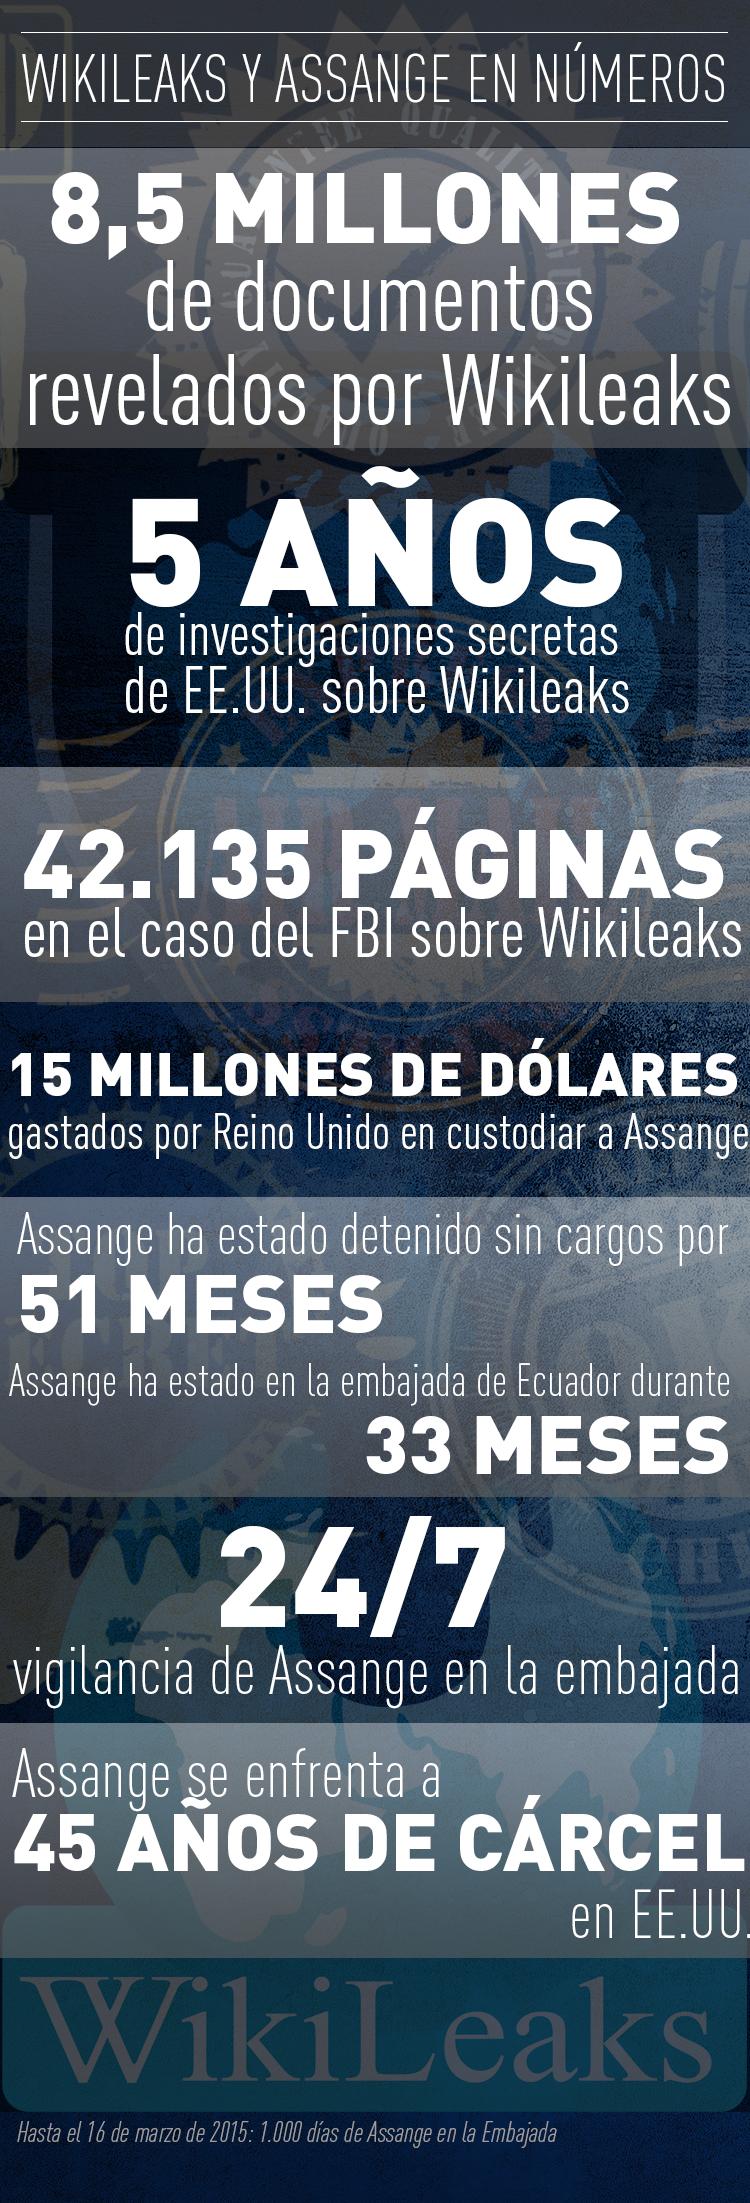 WikiLeaks en números